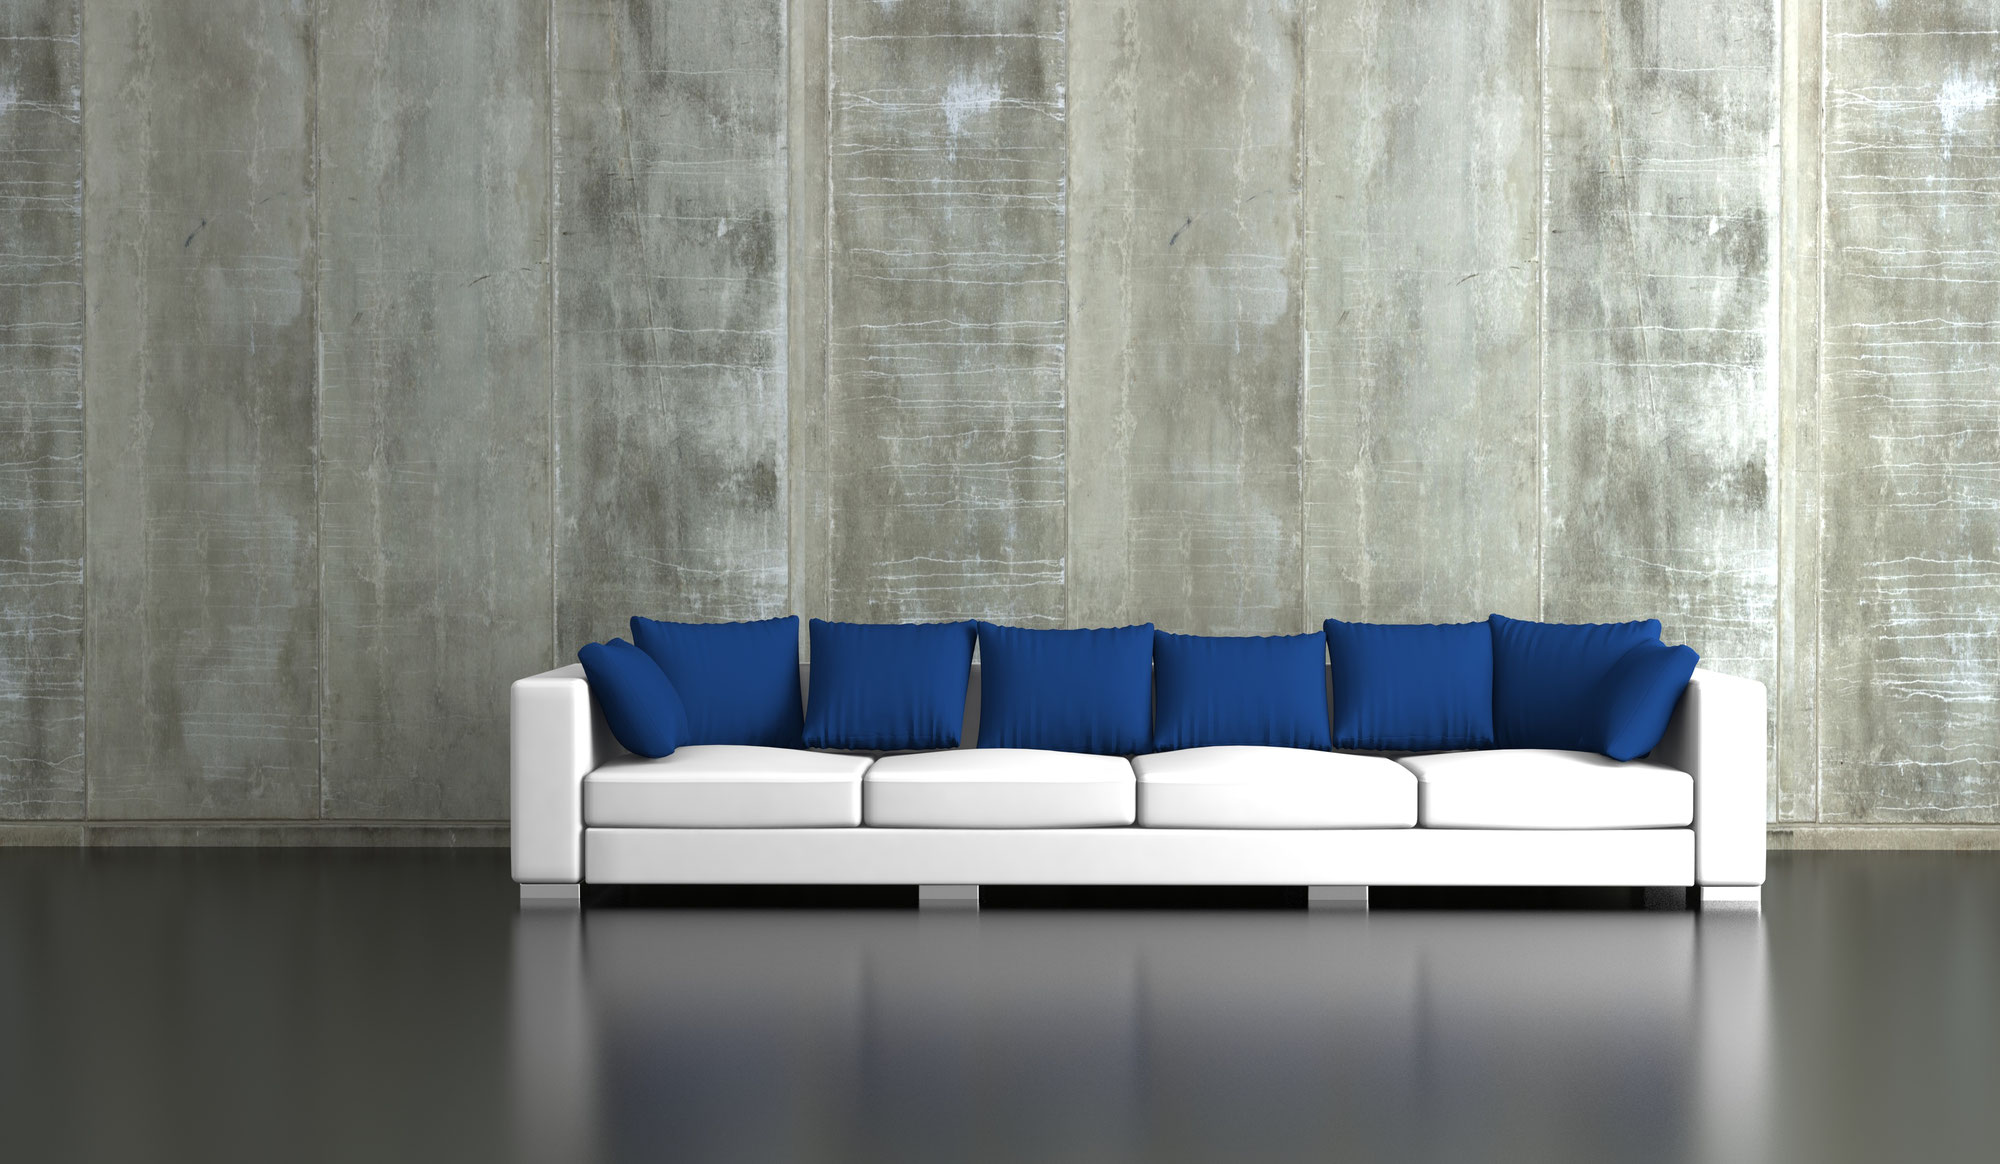 wohnung haus mieten kaufen verkaufen myllek immobilien mannheim. Black Bedroom Furniture Sets. Home Design Ideas